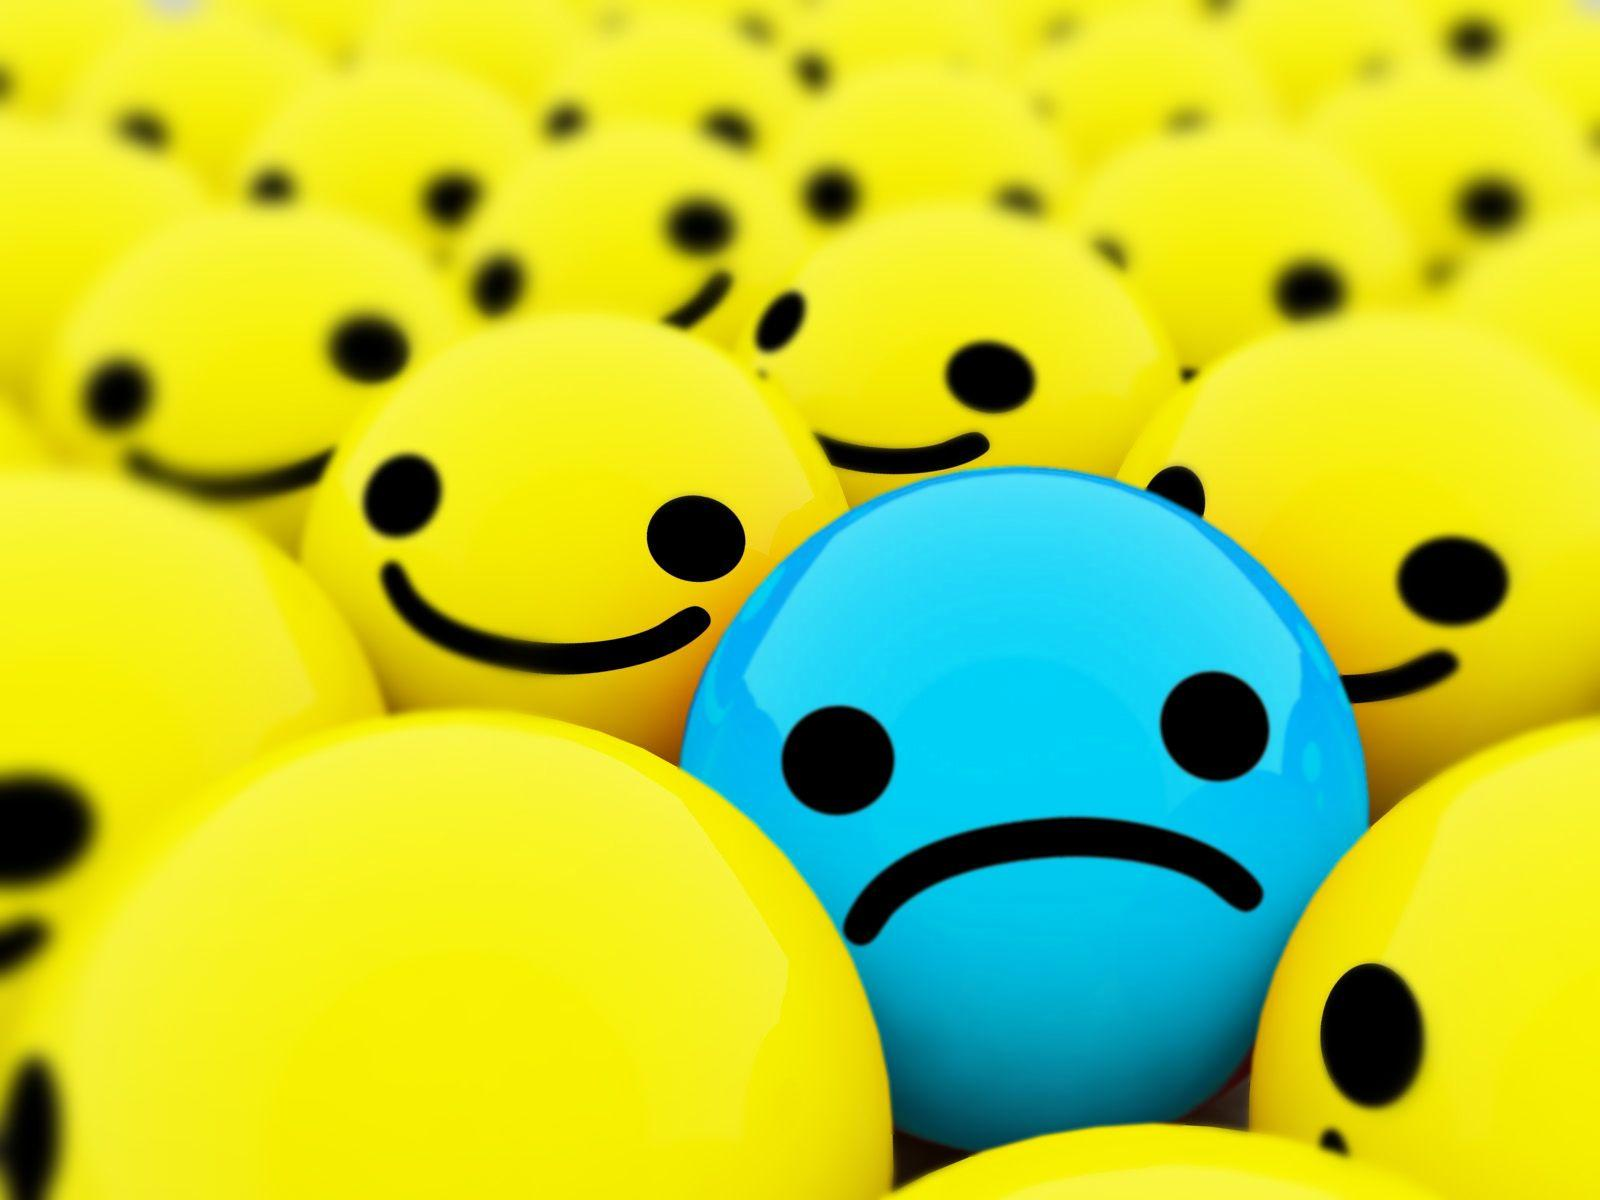 Sad Emoji Wallpapers Wallpaper Cave